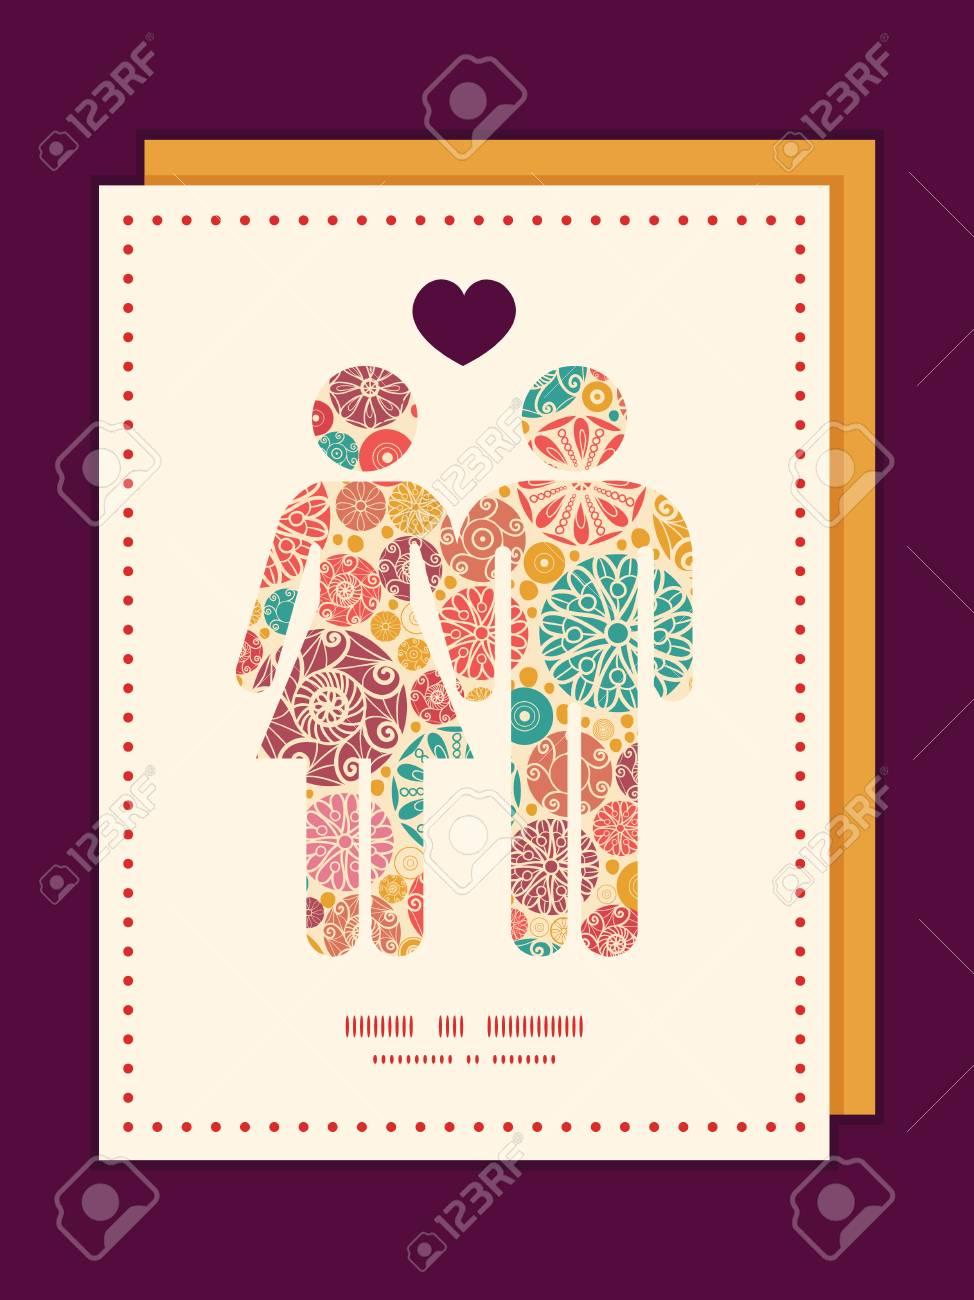 Vector Abstracto Círculos Decorativos Pareja En Amor Siluetas Patrón ...